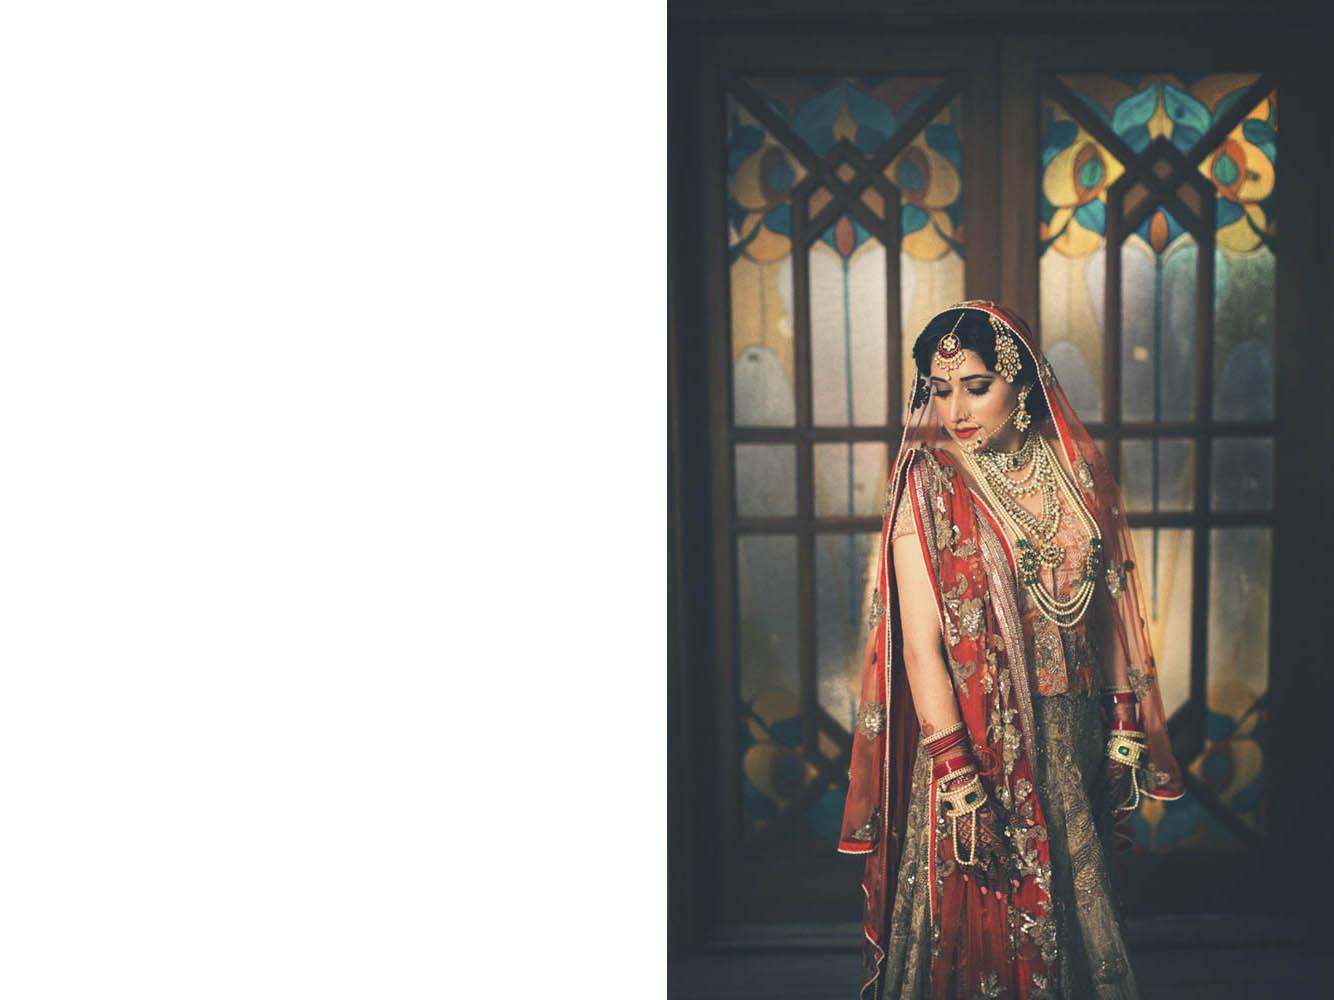 punjab_wedding17.jpg